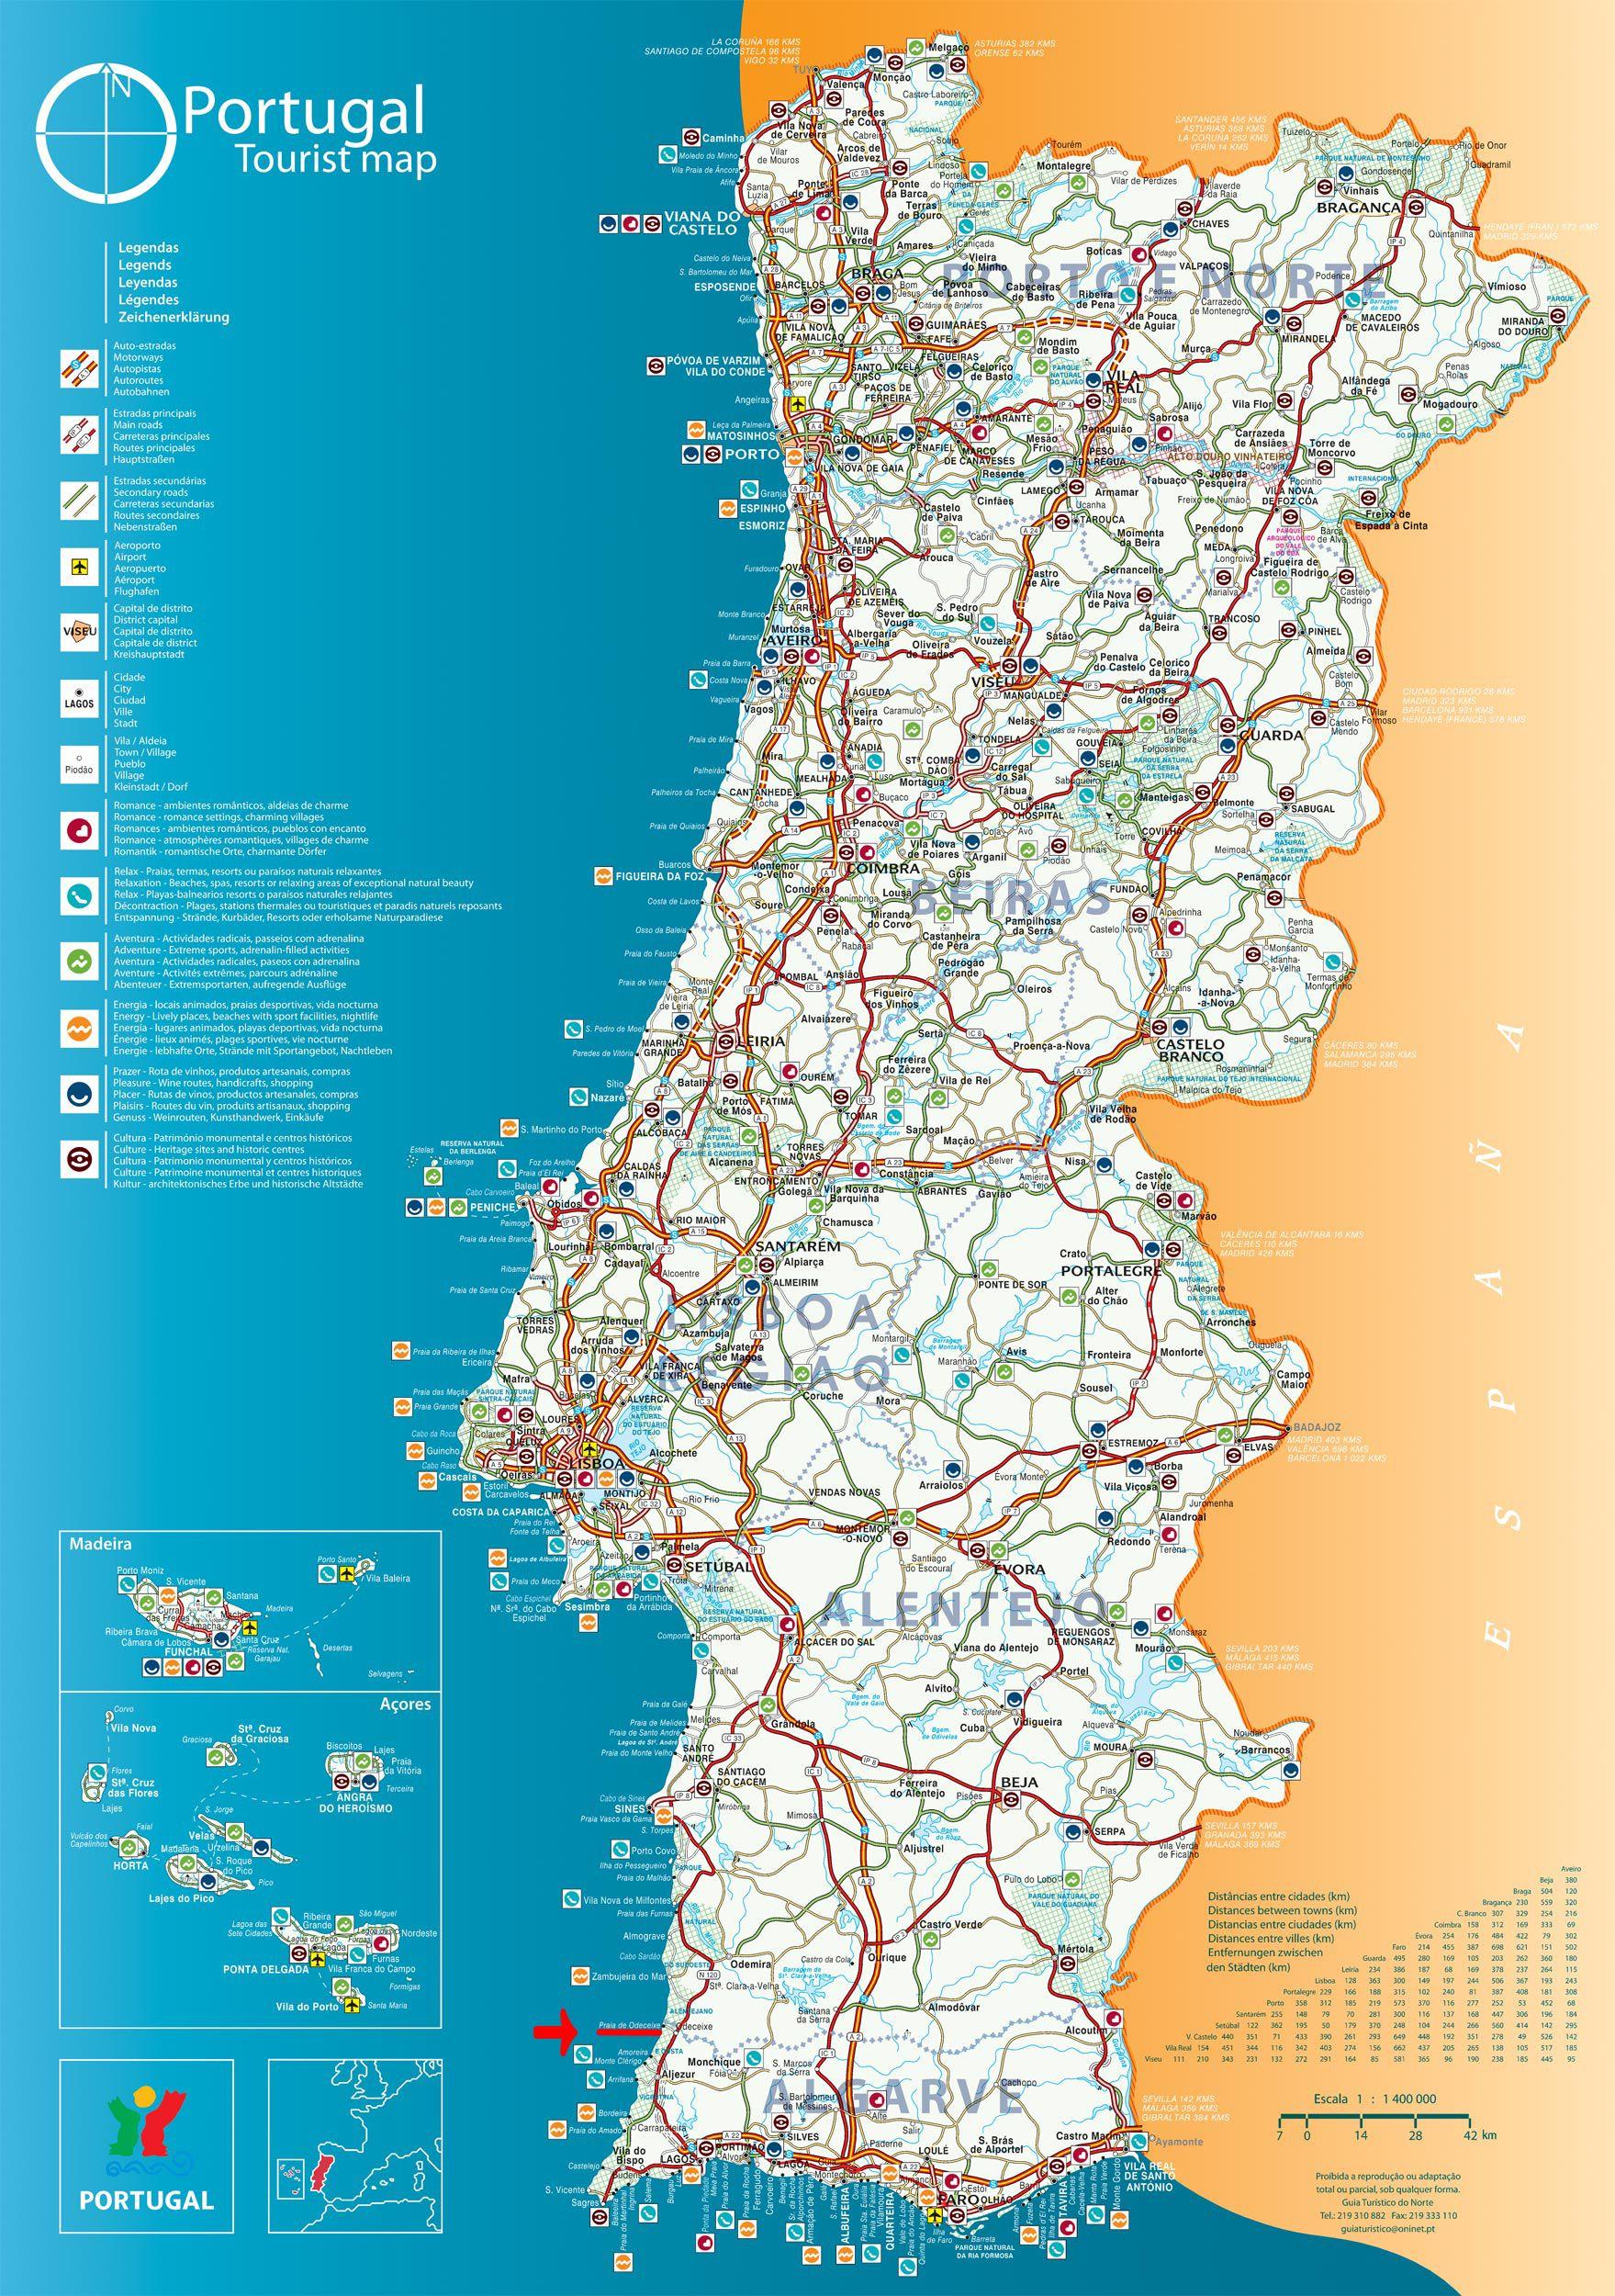 Mapa Portugal Jpg 1759 2500 Viajes Portugal